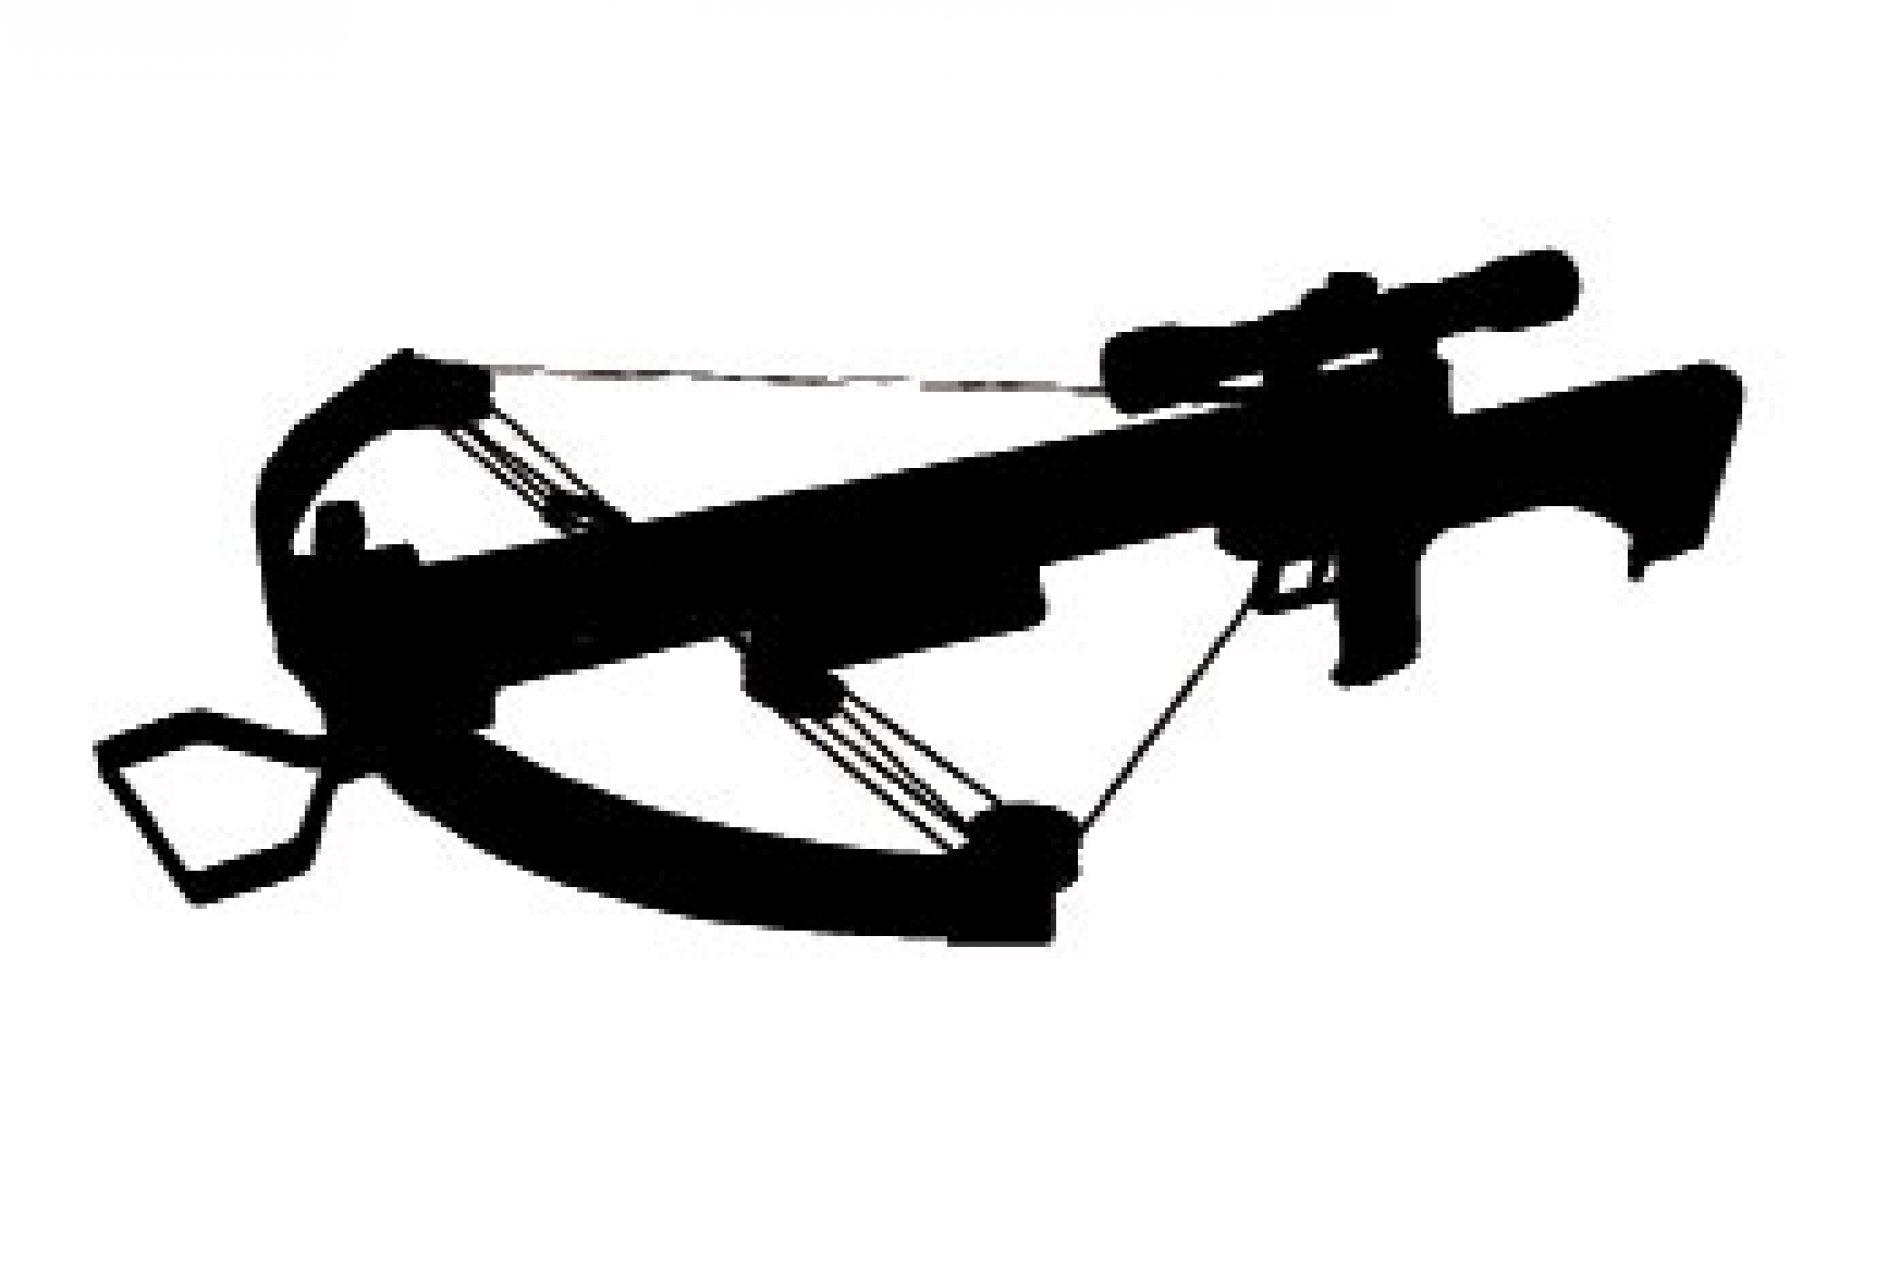 f72abae02 Qué documentos necesito para cazar con arcos y ballestas  - Trofeo caza